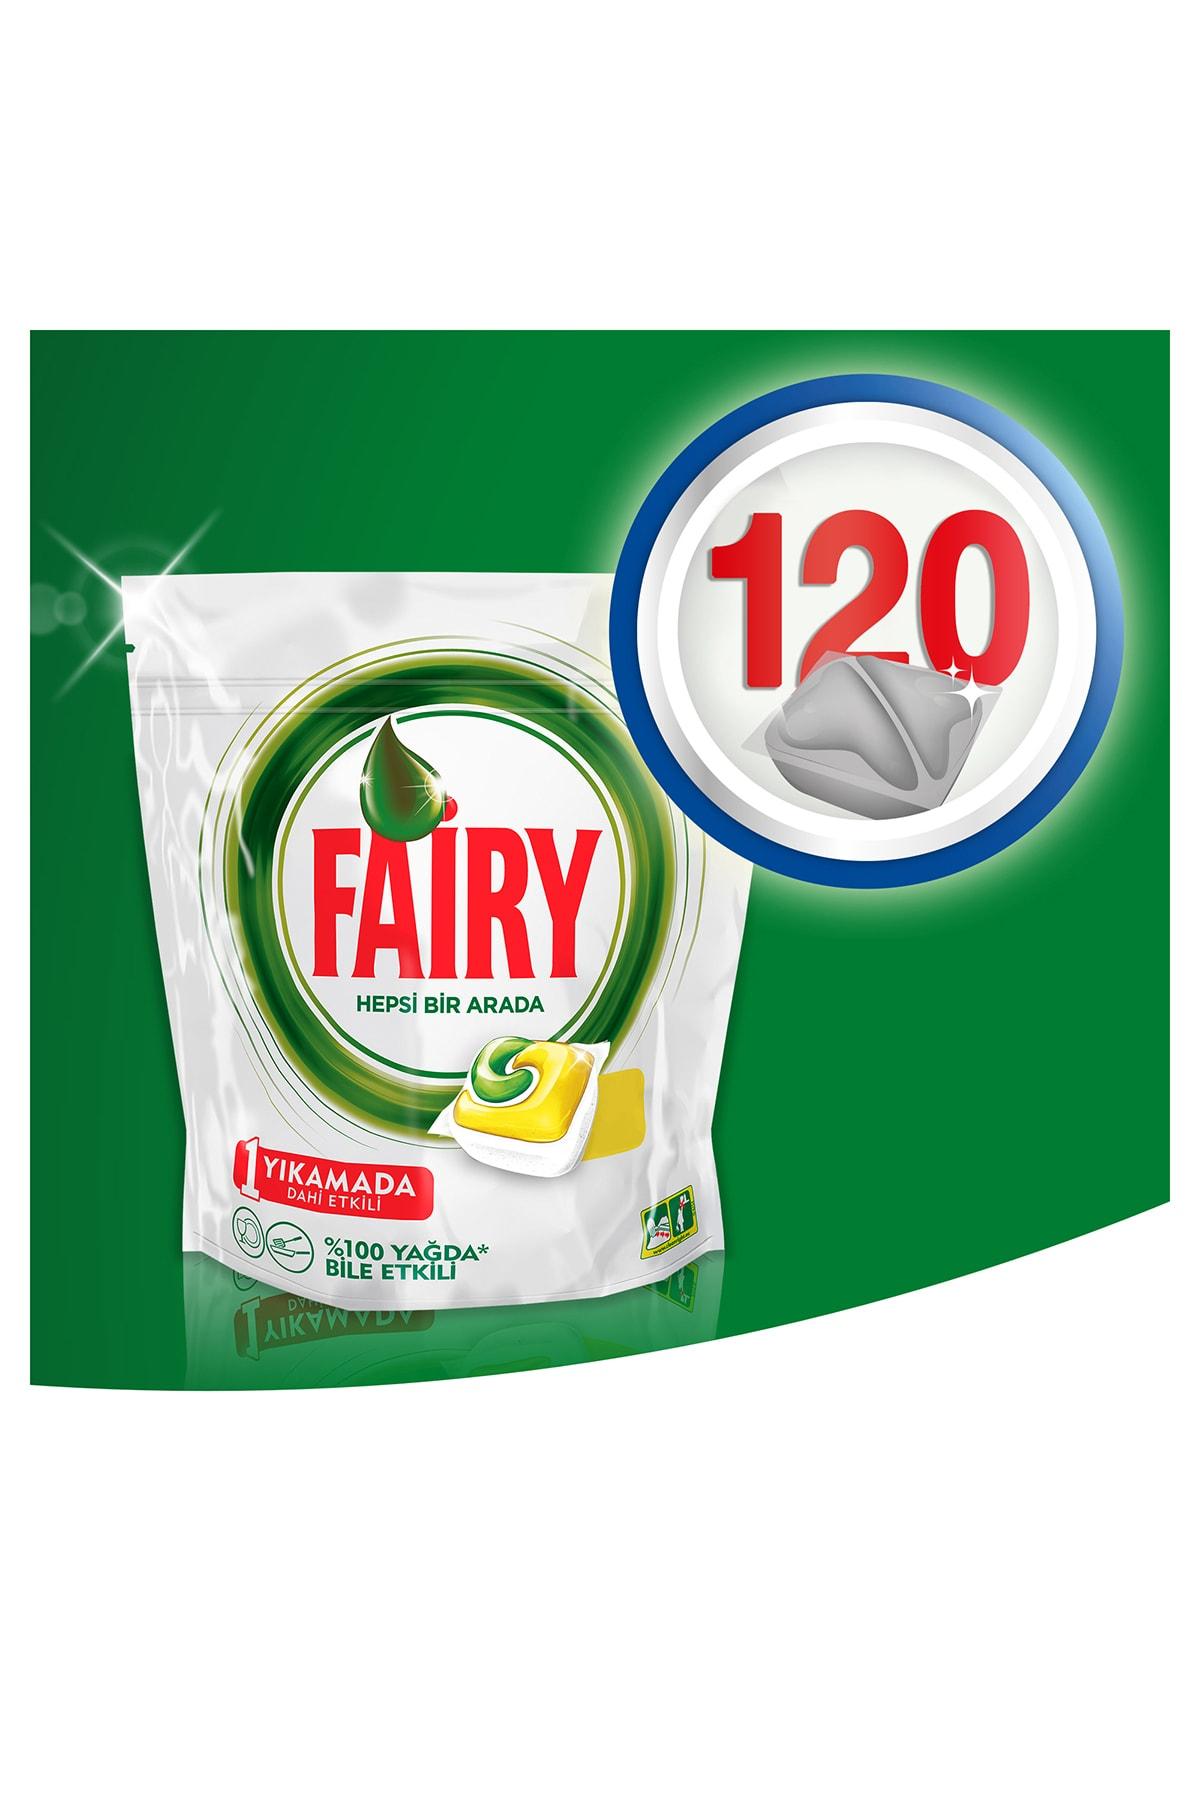 Fairy Hepsi Bir Arada 120 Yıkama Bulaşık Makinesi Kapsülü Limon + Old Spice Duş Jeli&Şampuan 50ml 2